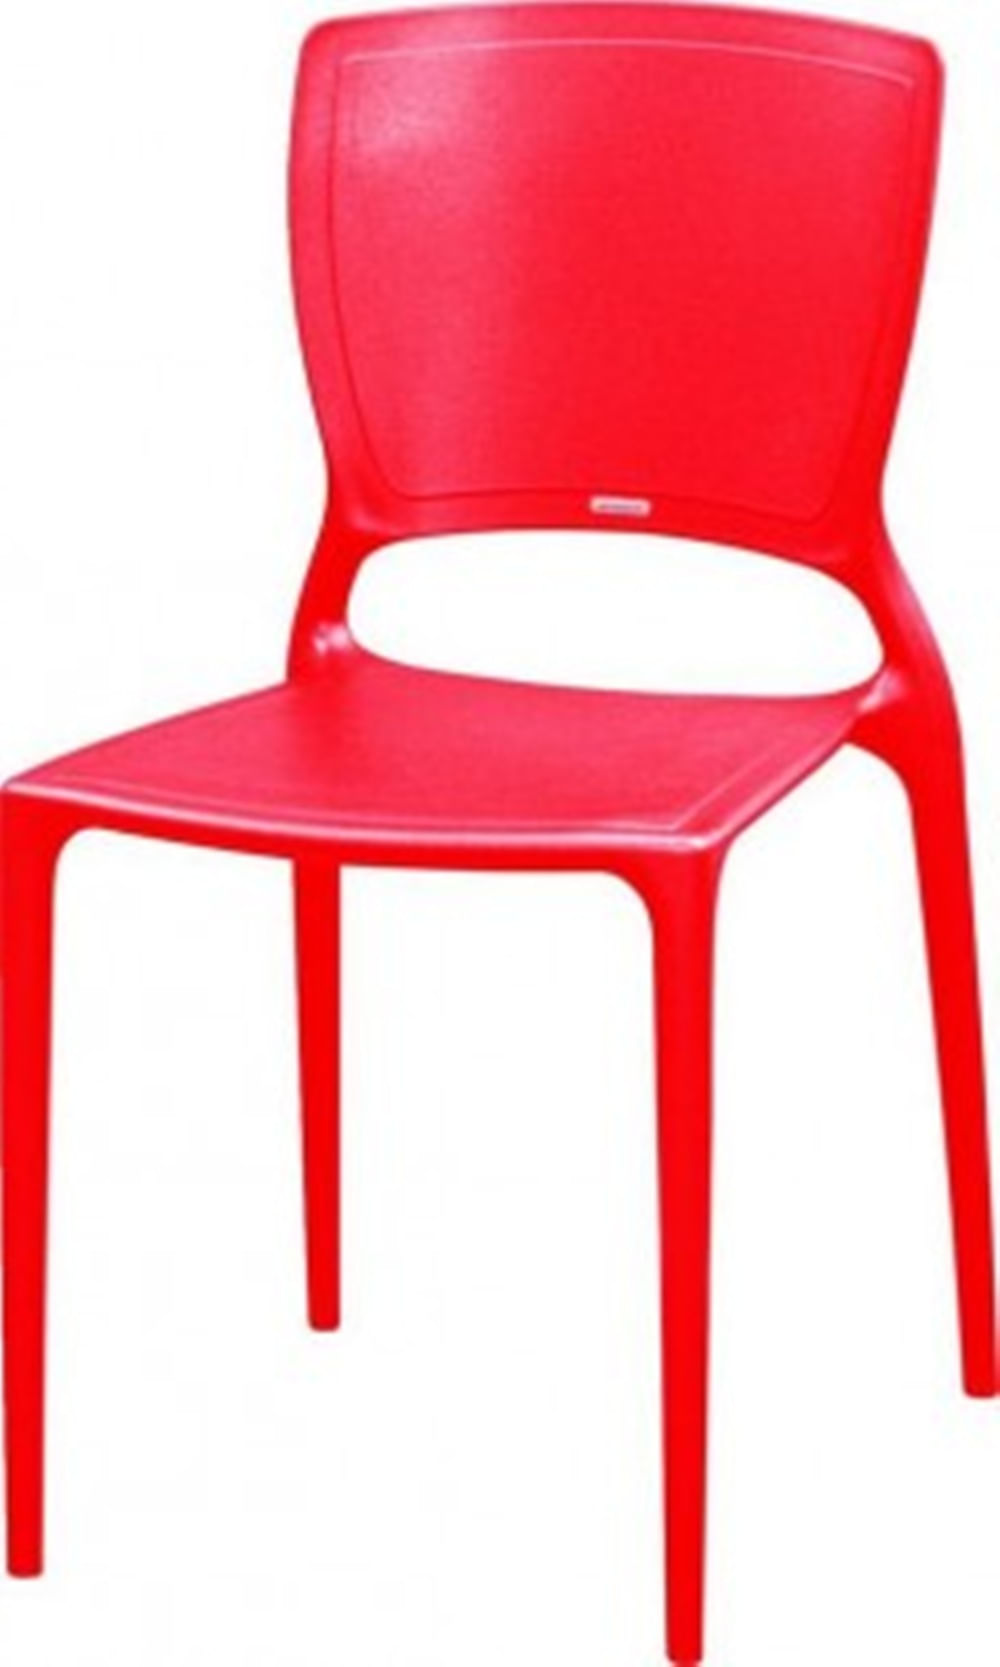 Cadeira Sofia Encosto Fechado Polipropileno Vermelho - 18750